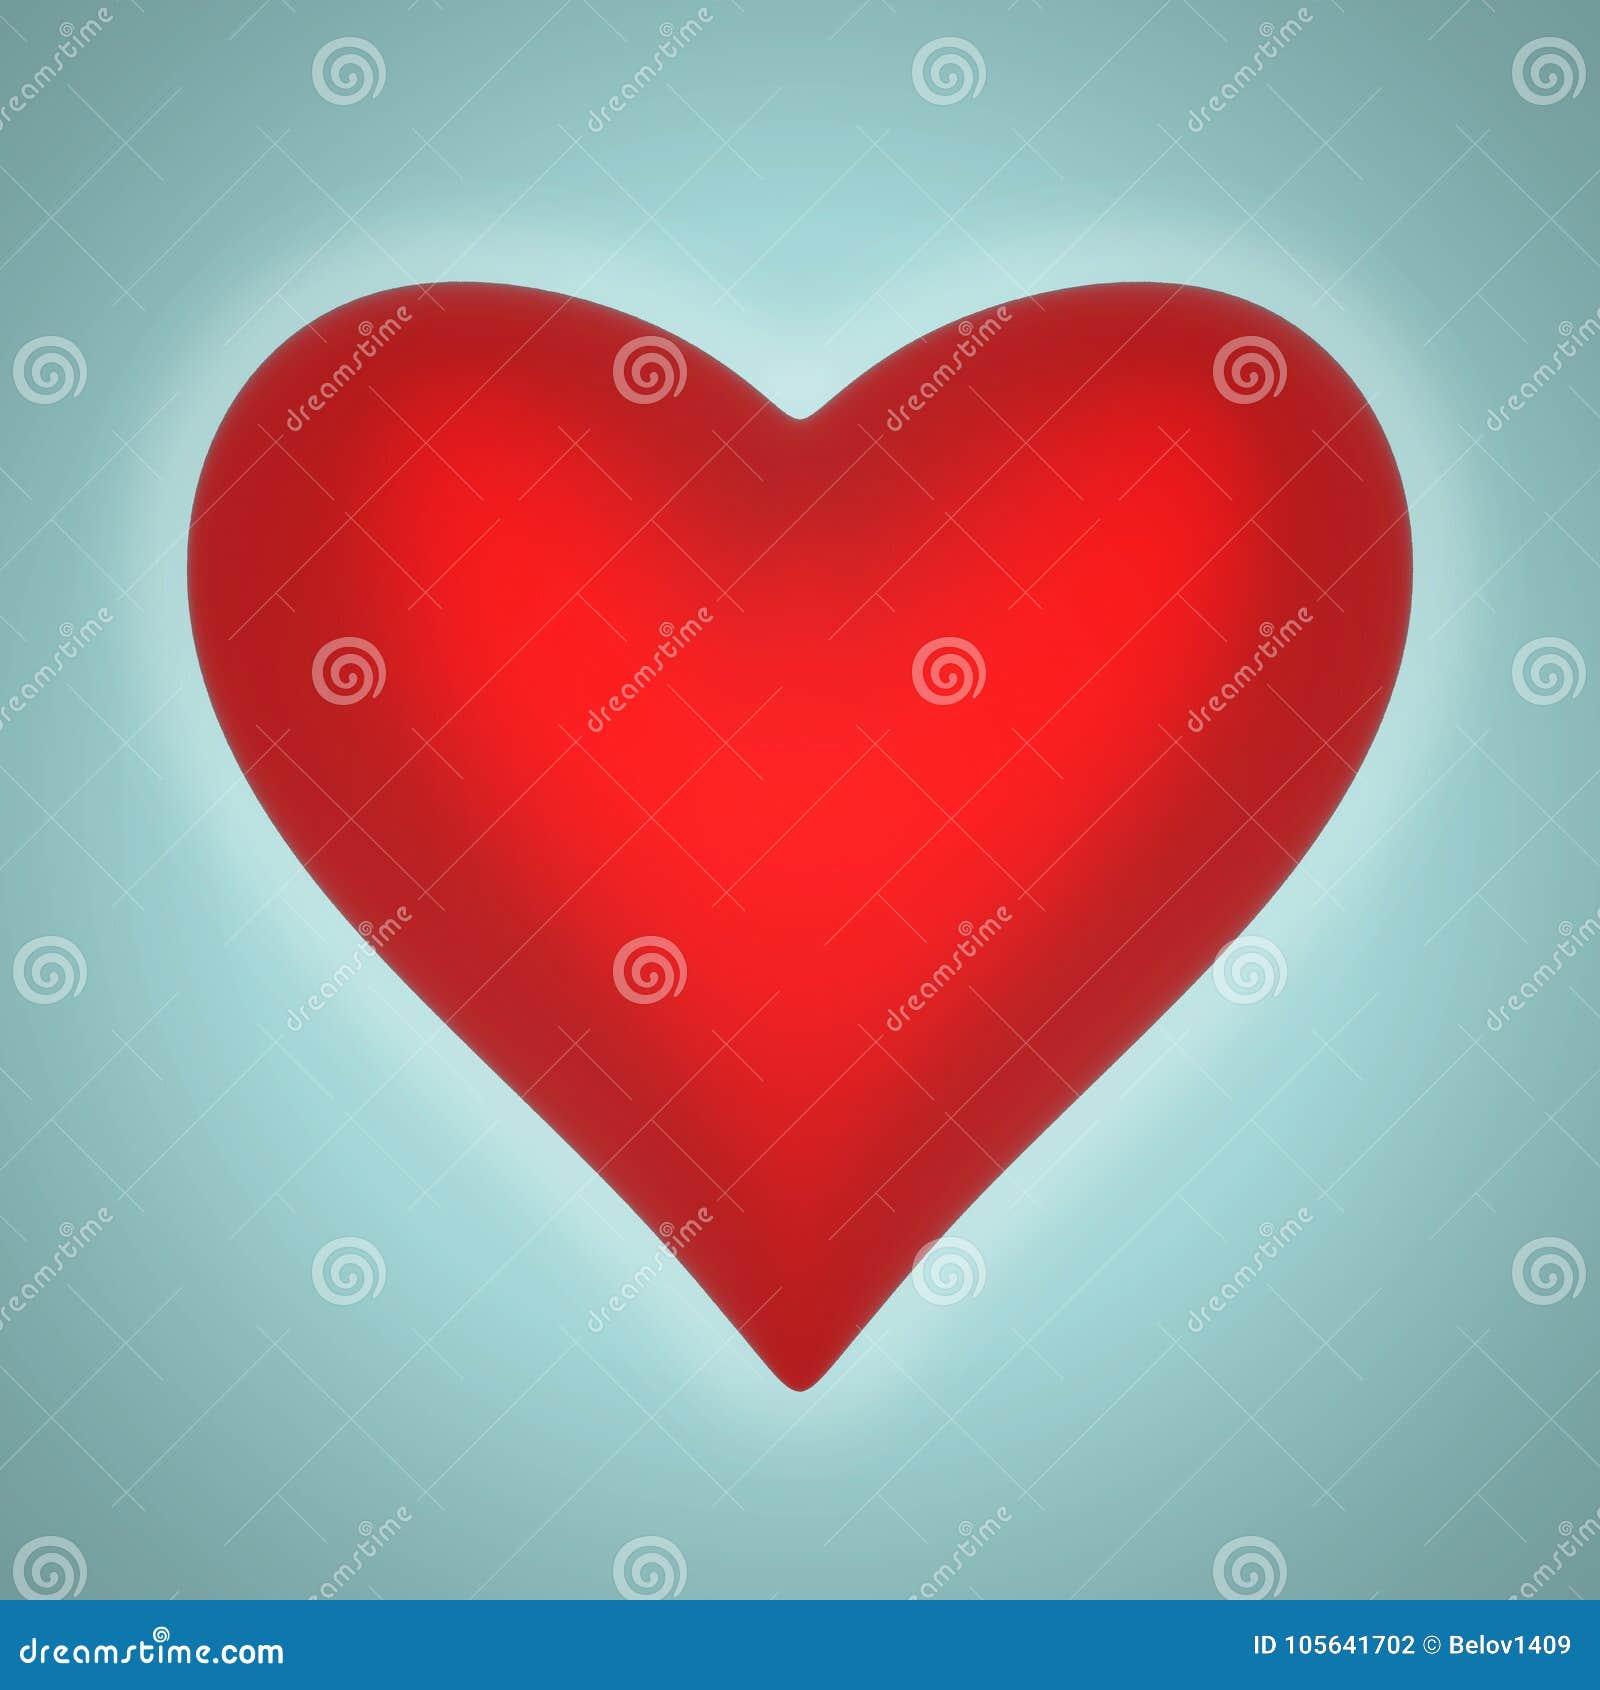 容量光滑的心脏形状